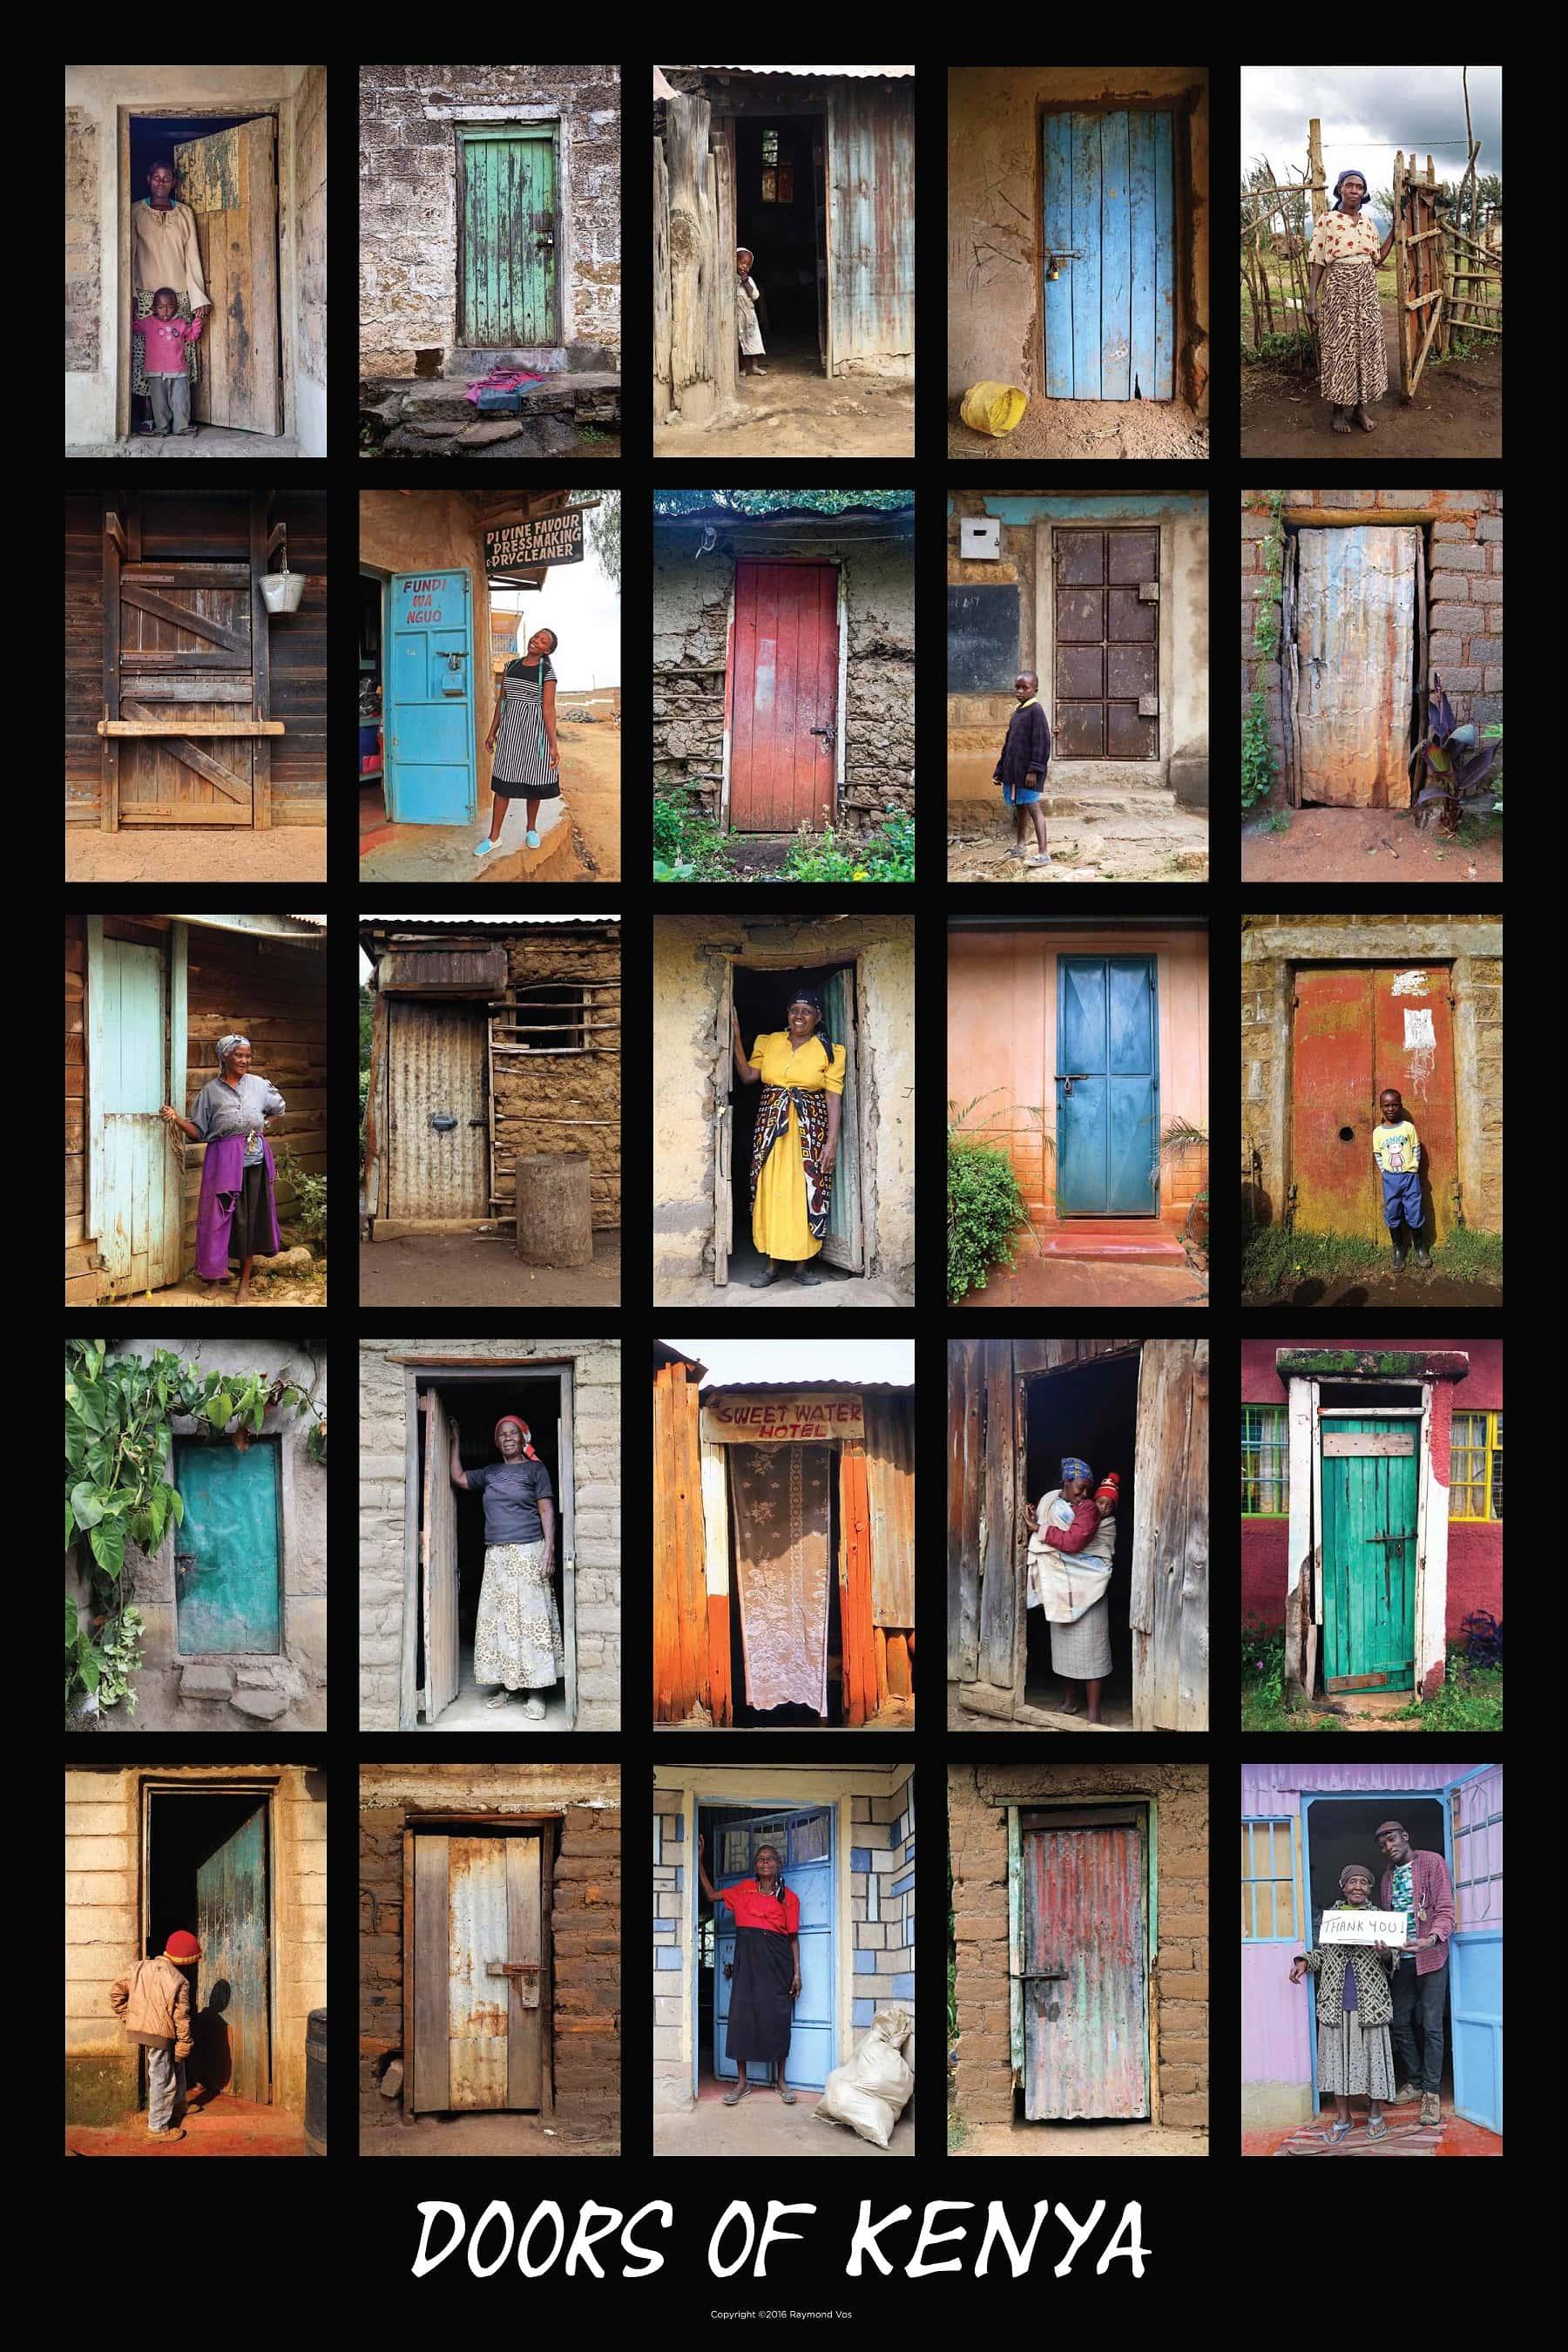 1-Doors Of Kenya 24X36 Poster $40.00